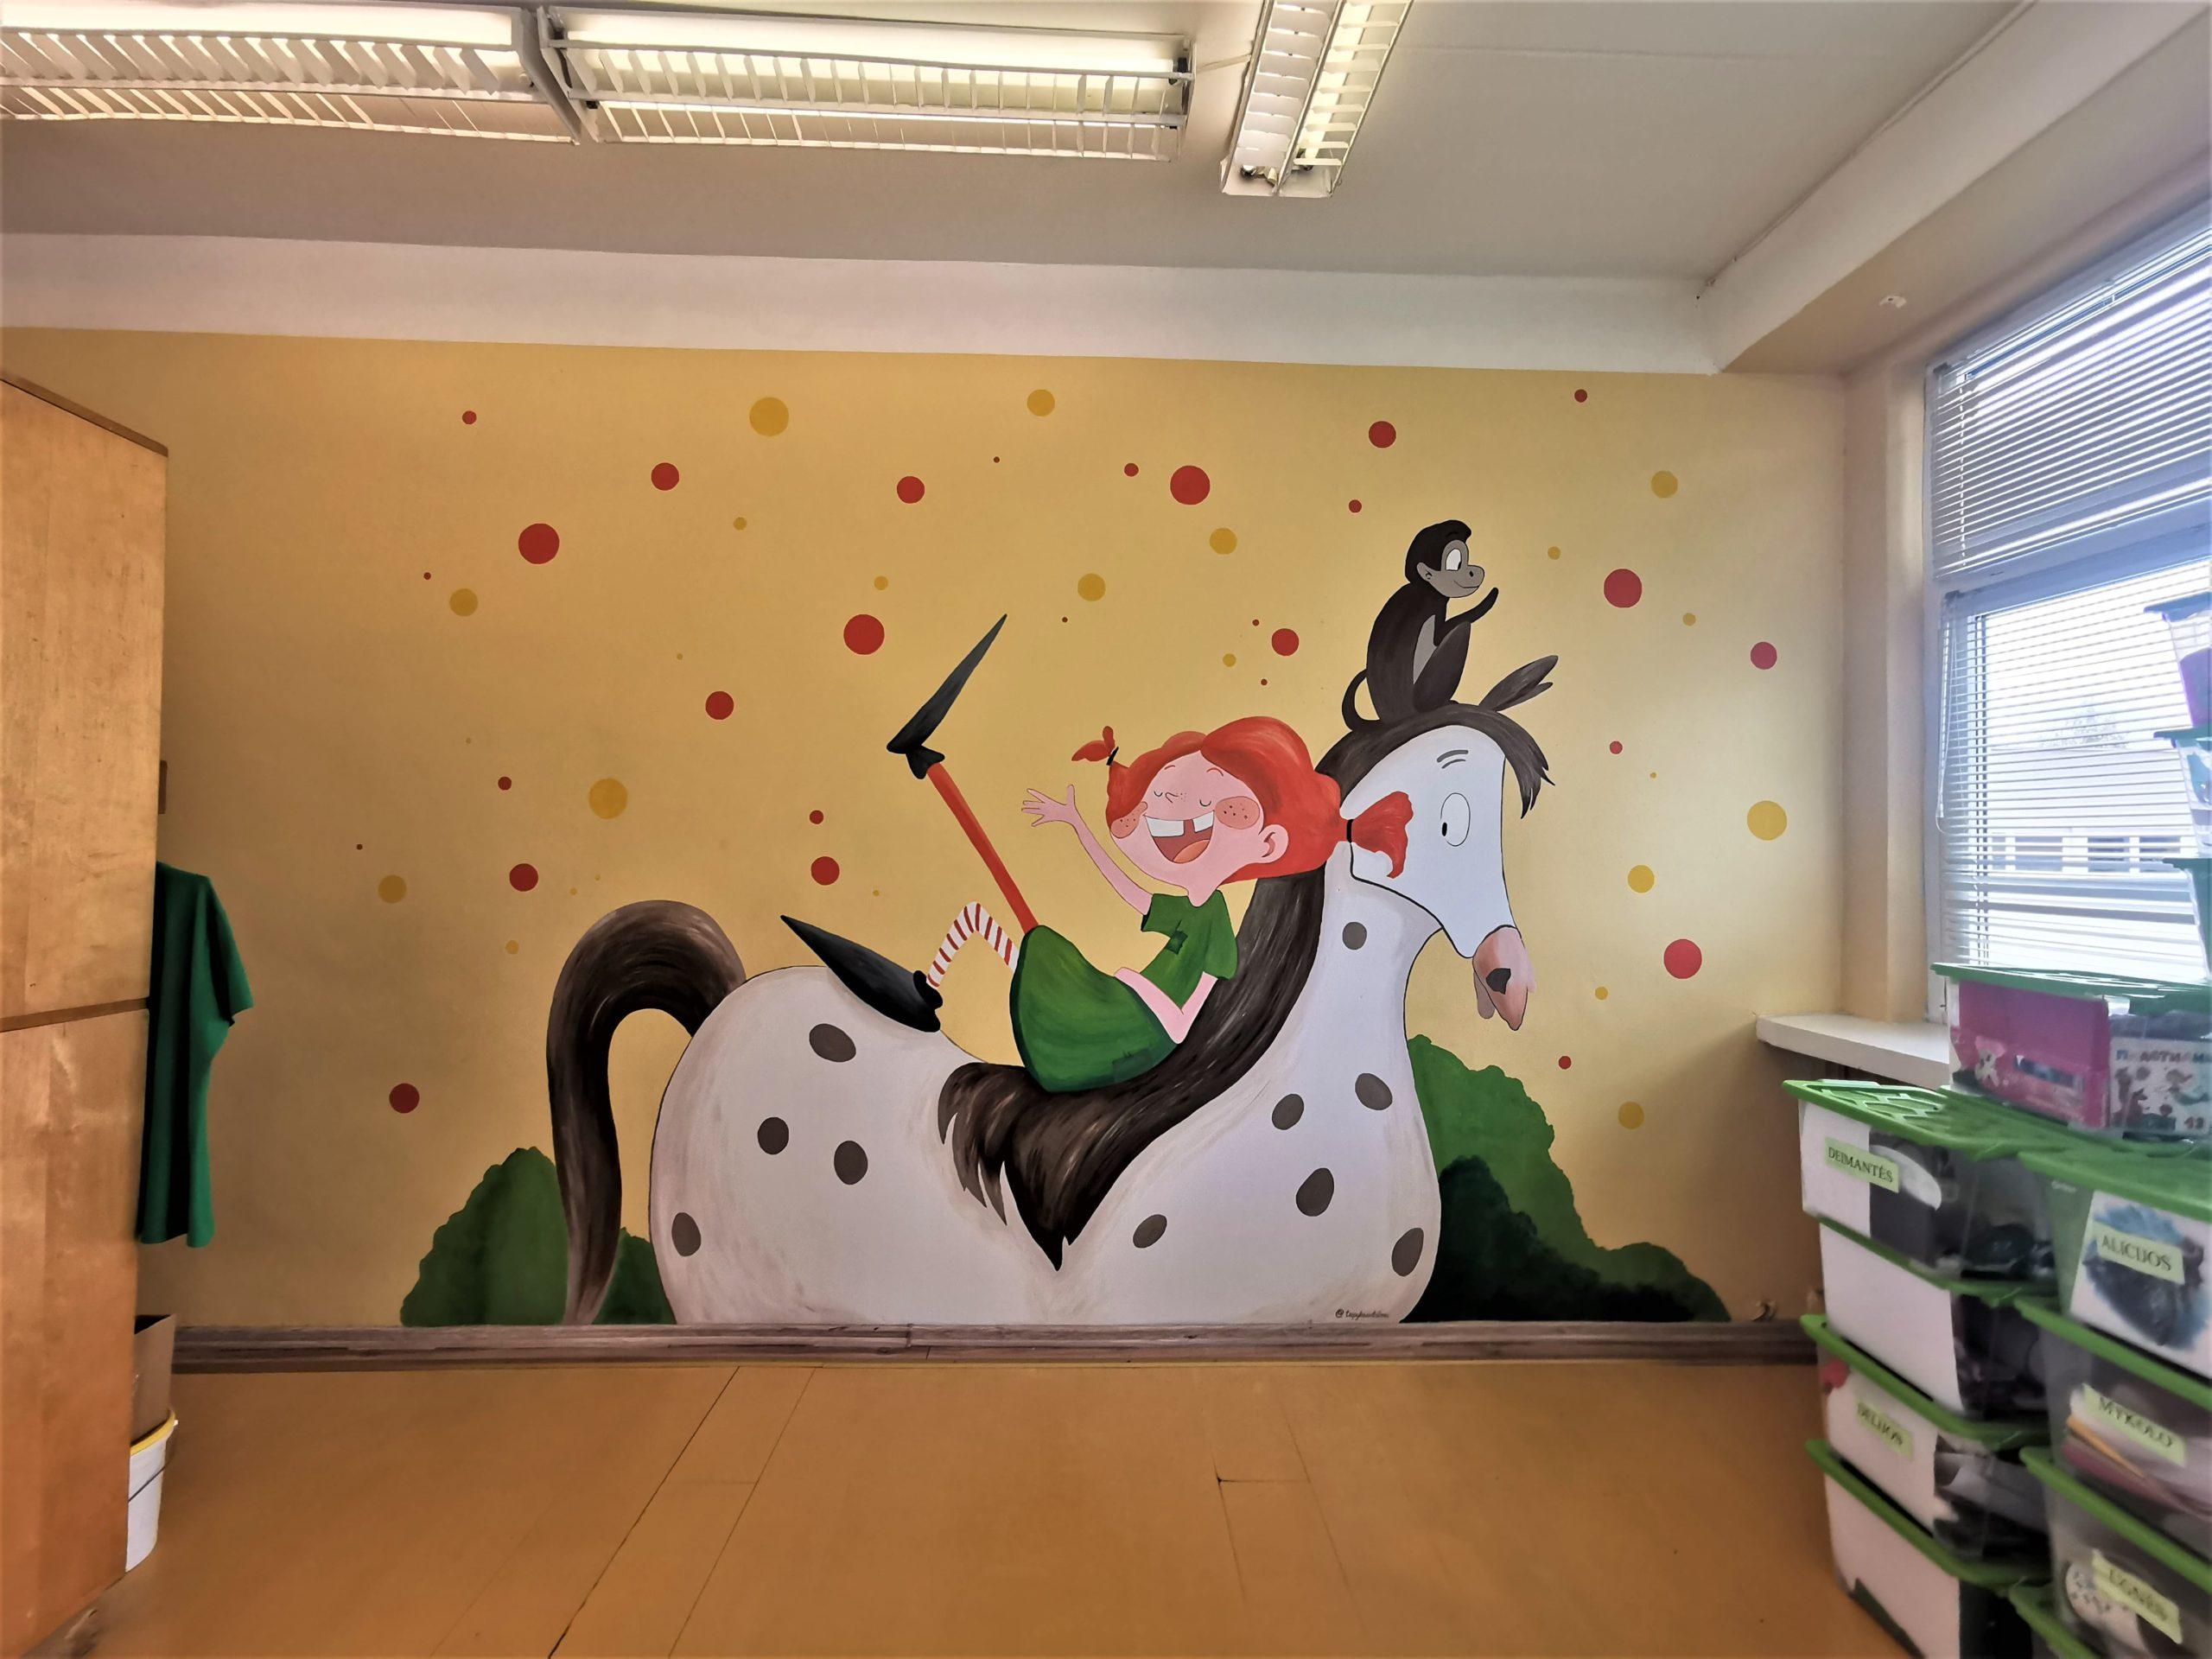 menine-kuryba-sienu-dekoravimas-ugdymo-istaigos (6)